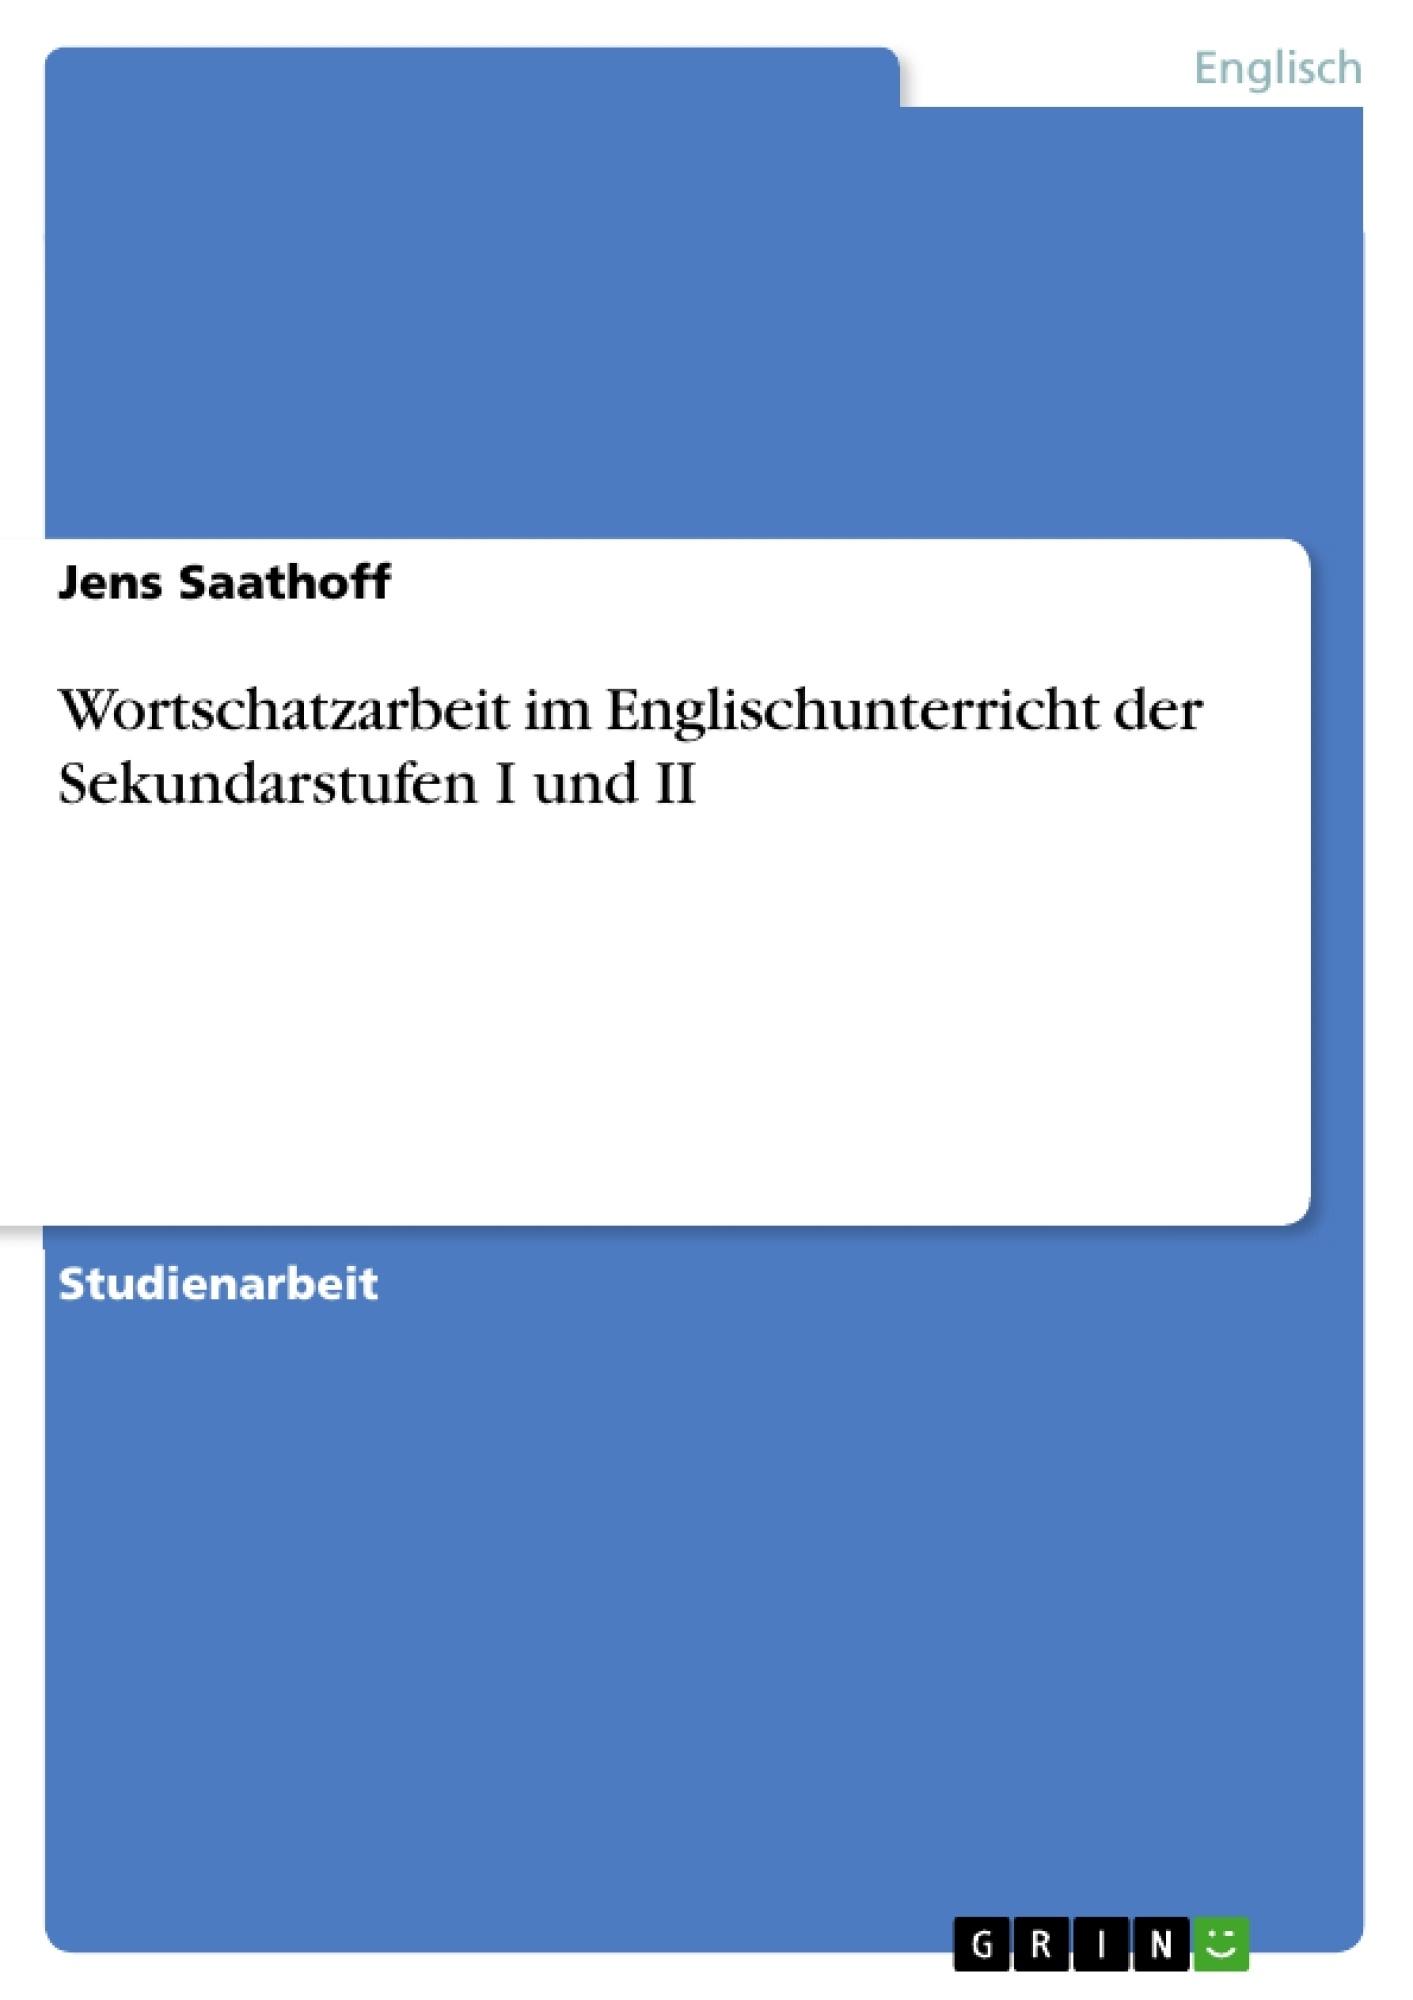 Titel: Wortschatzarbeit im Englischunterricht der Sekundarstufen I und II